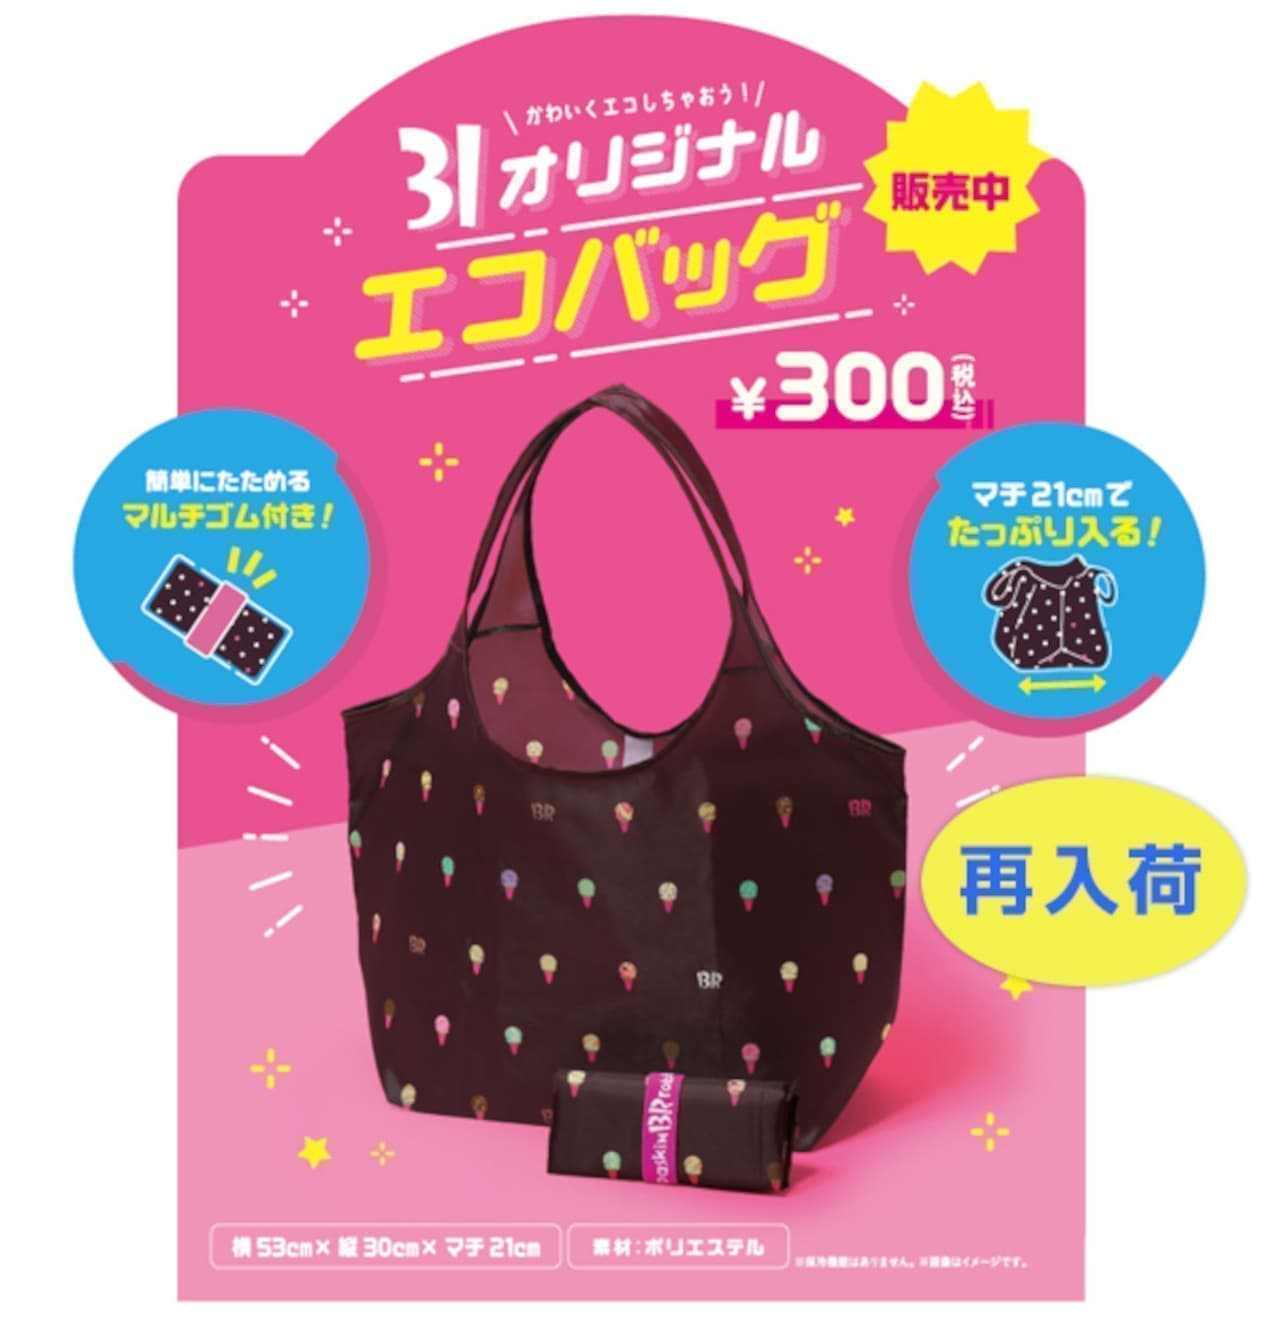 サーティワンの300円「オリジナルエコバッグ」が再入荷